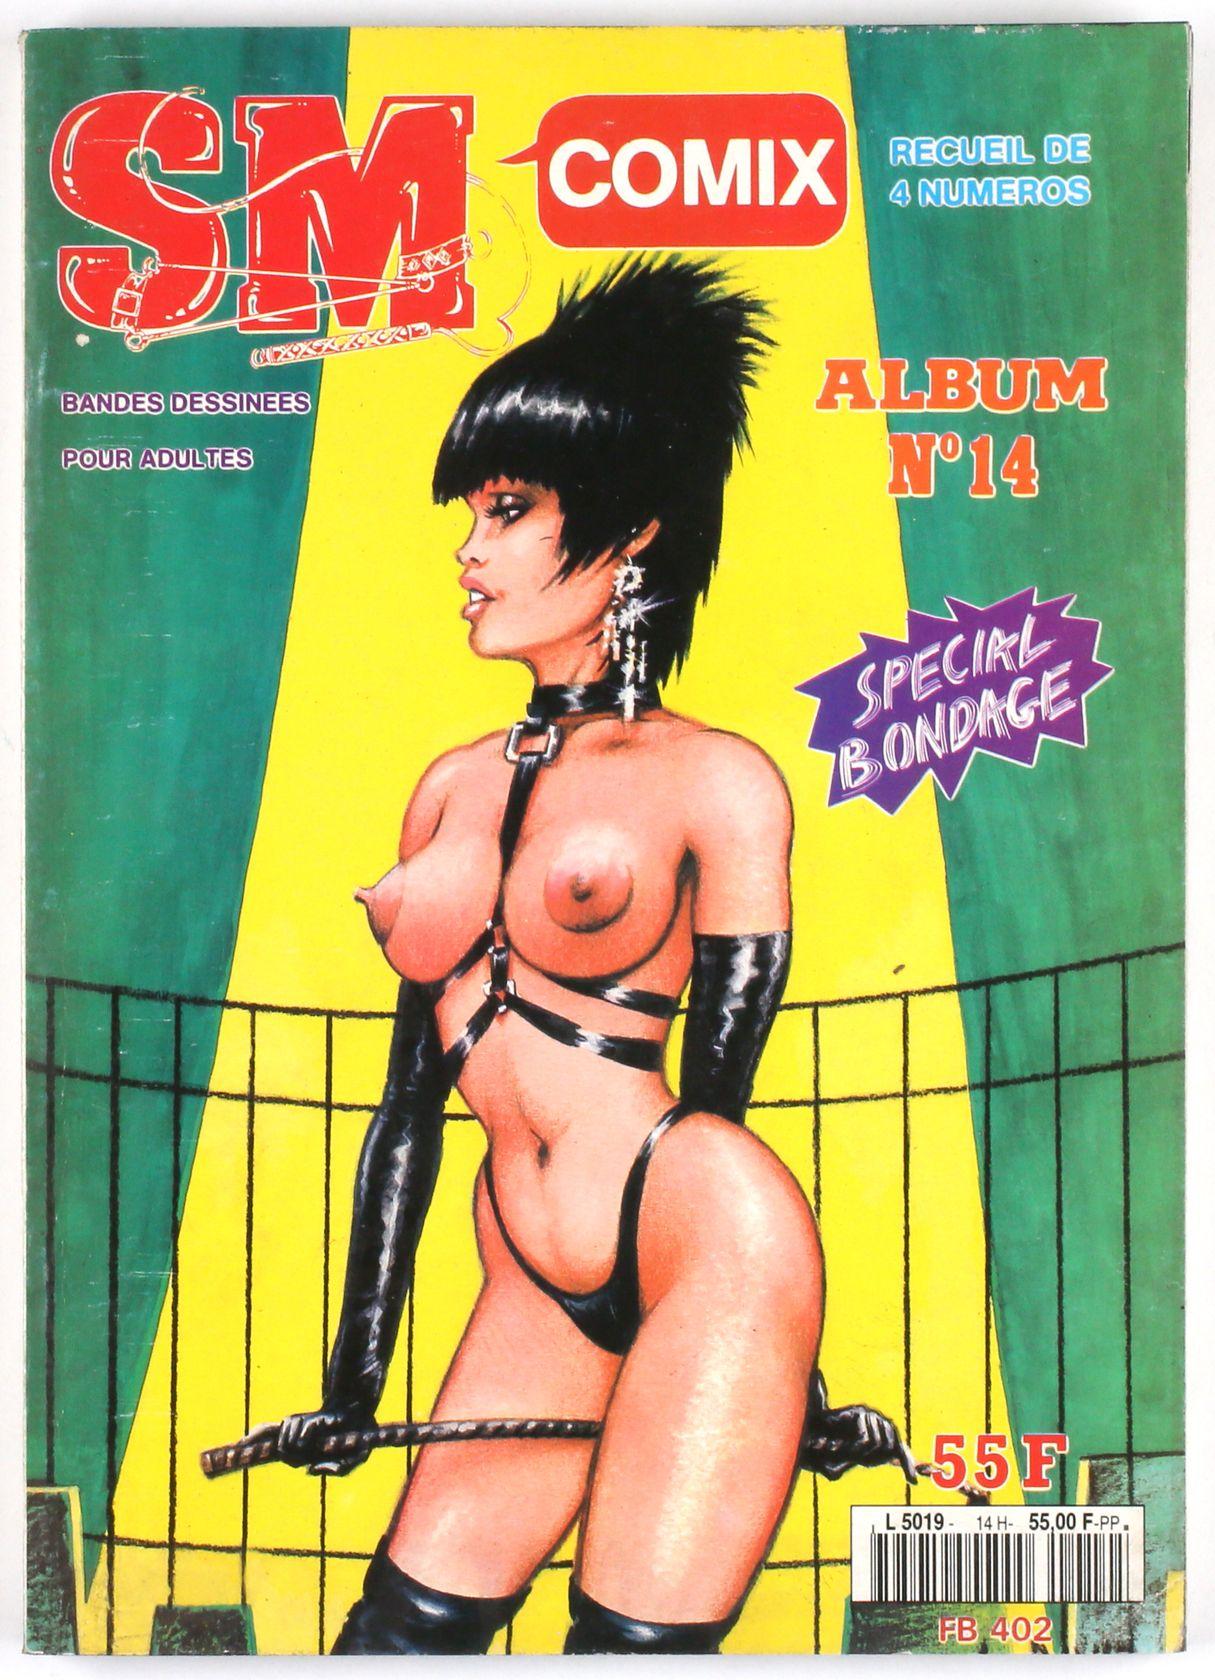 SM Comix N°14, Recueil de 4 numéros Special Bondage-0